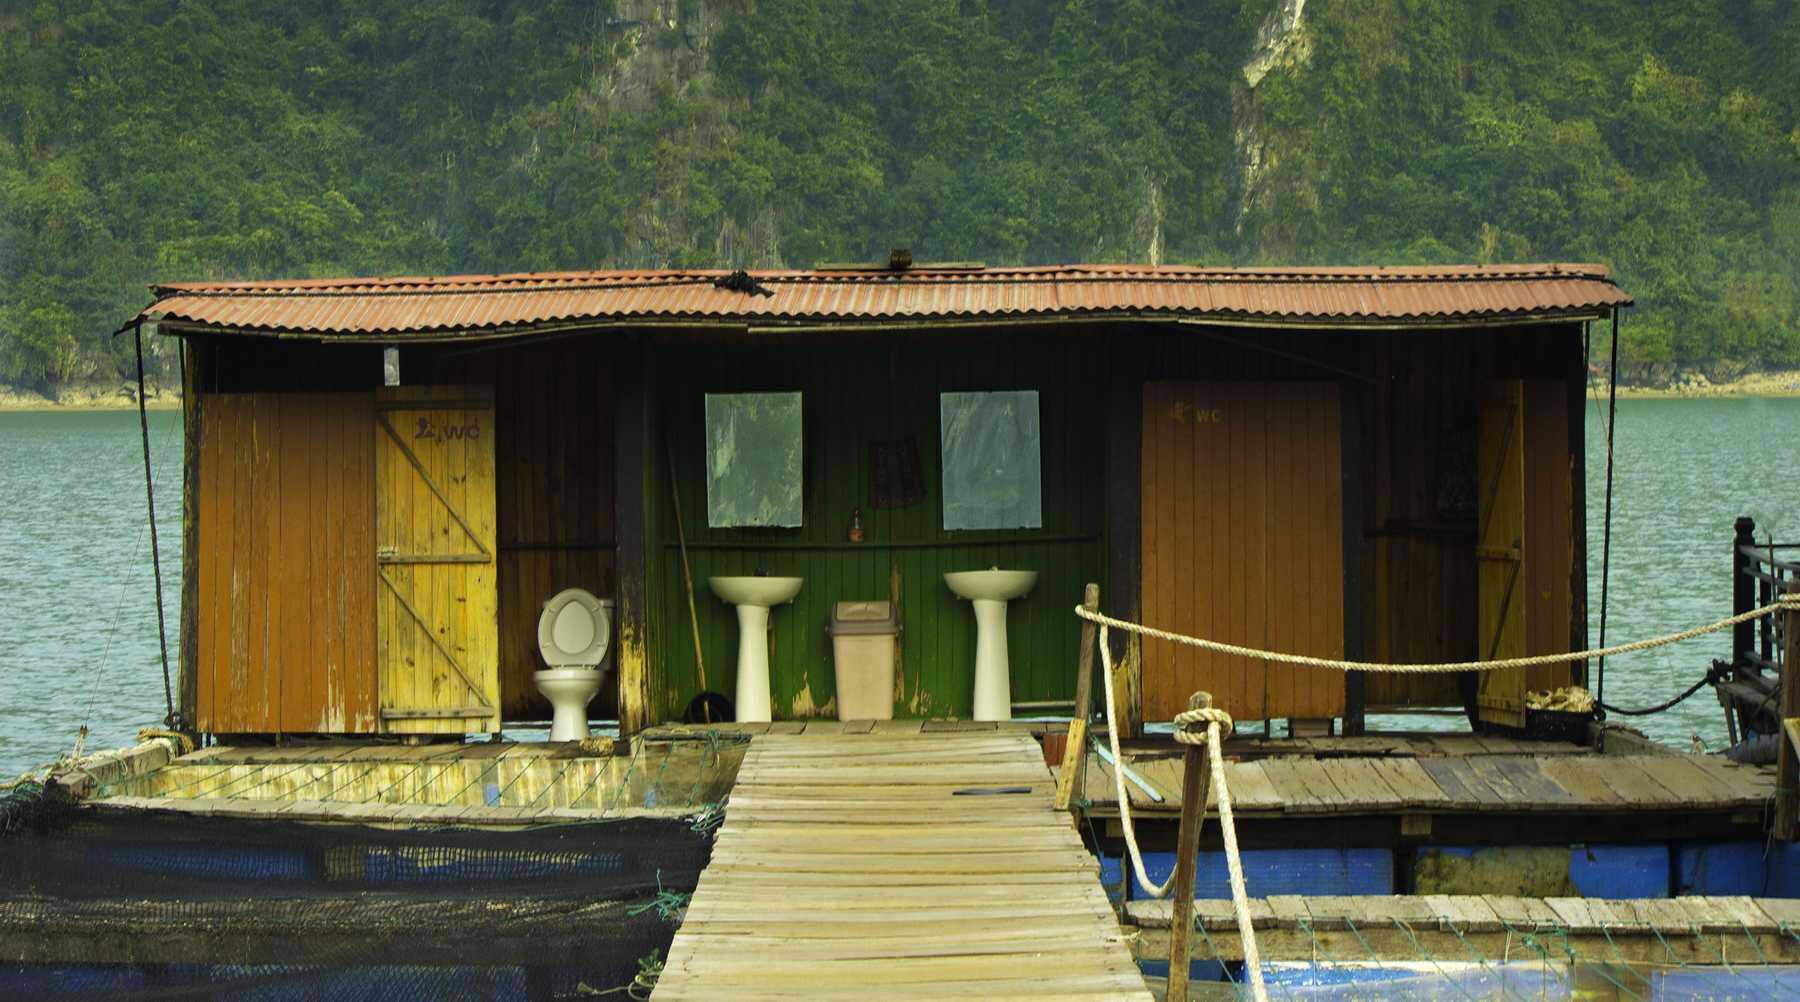 WC in Vietnam